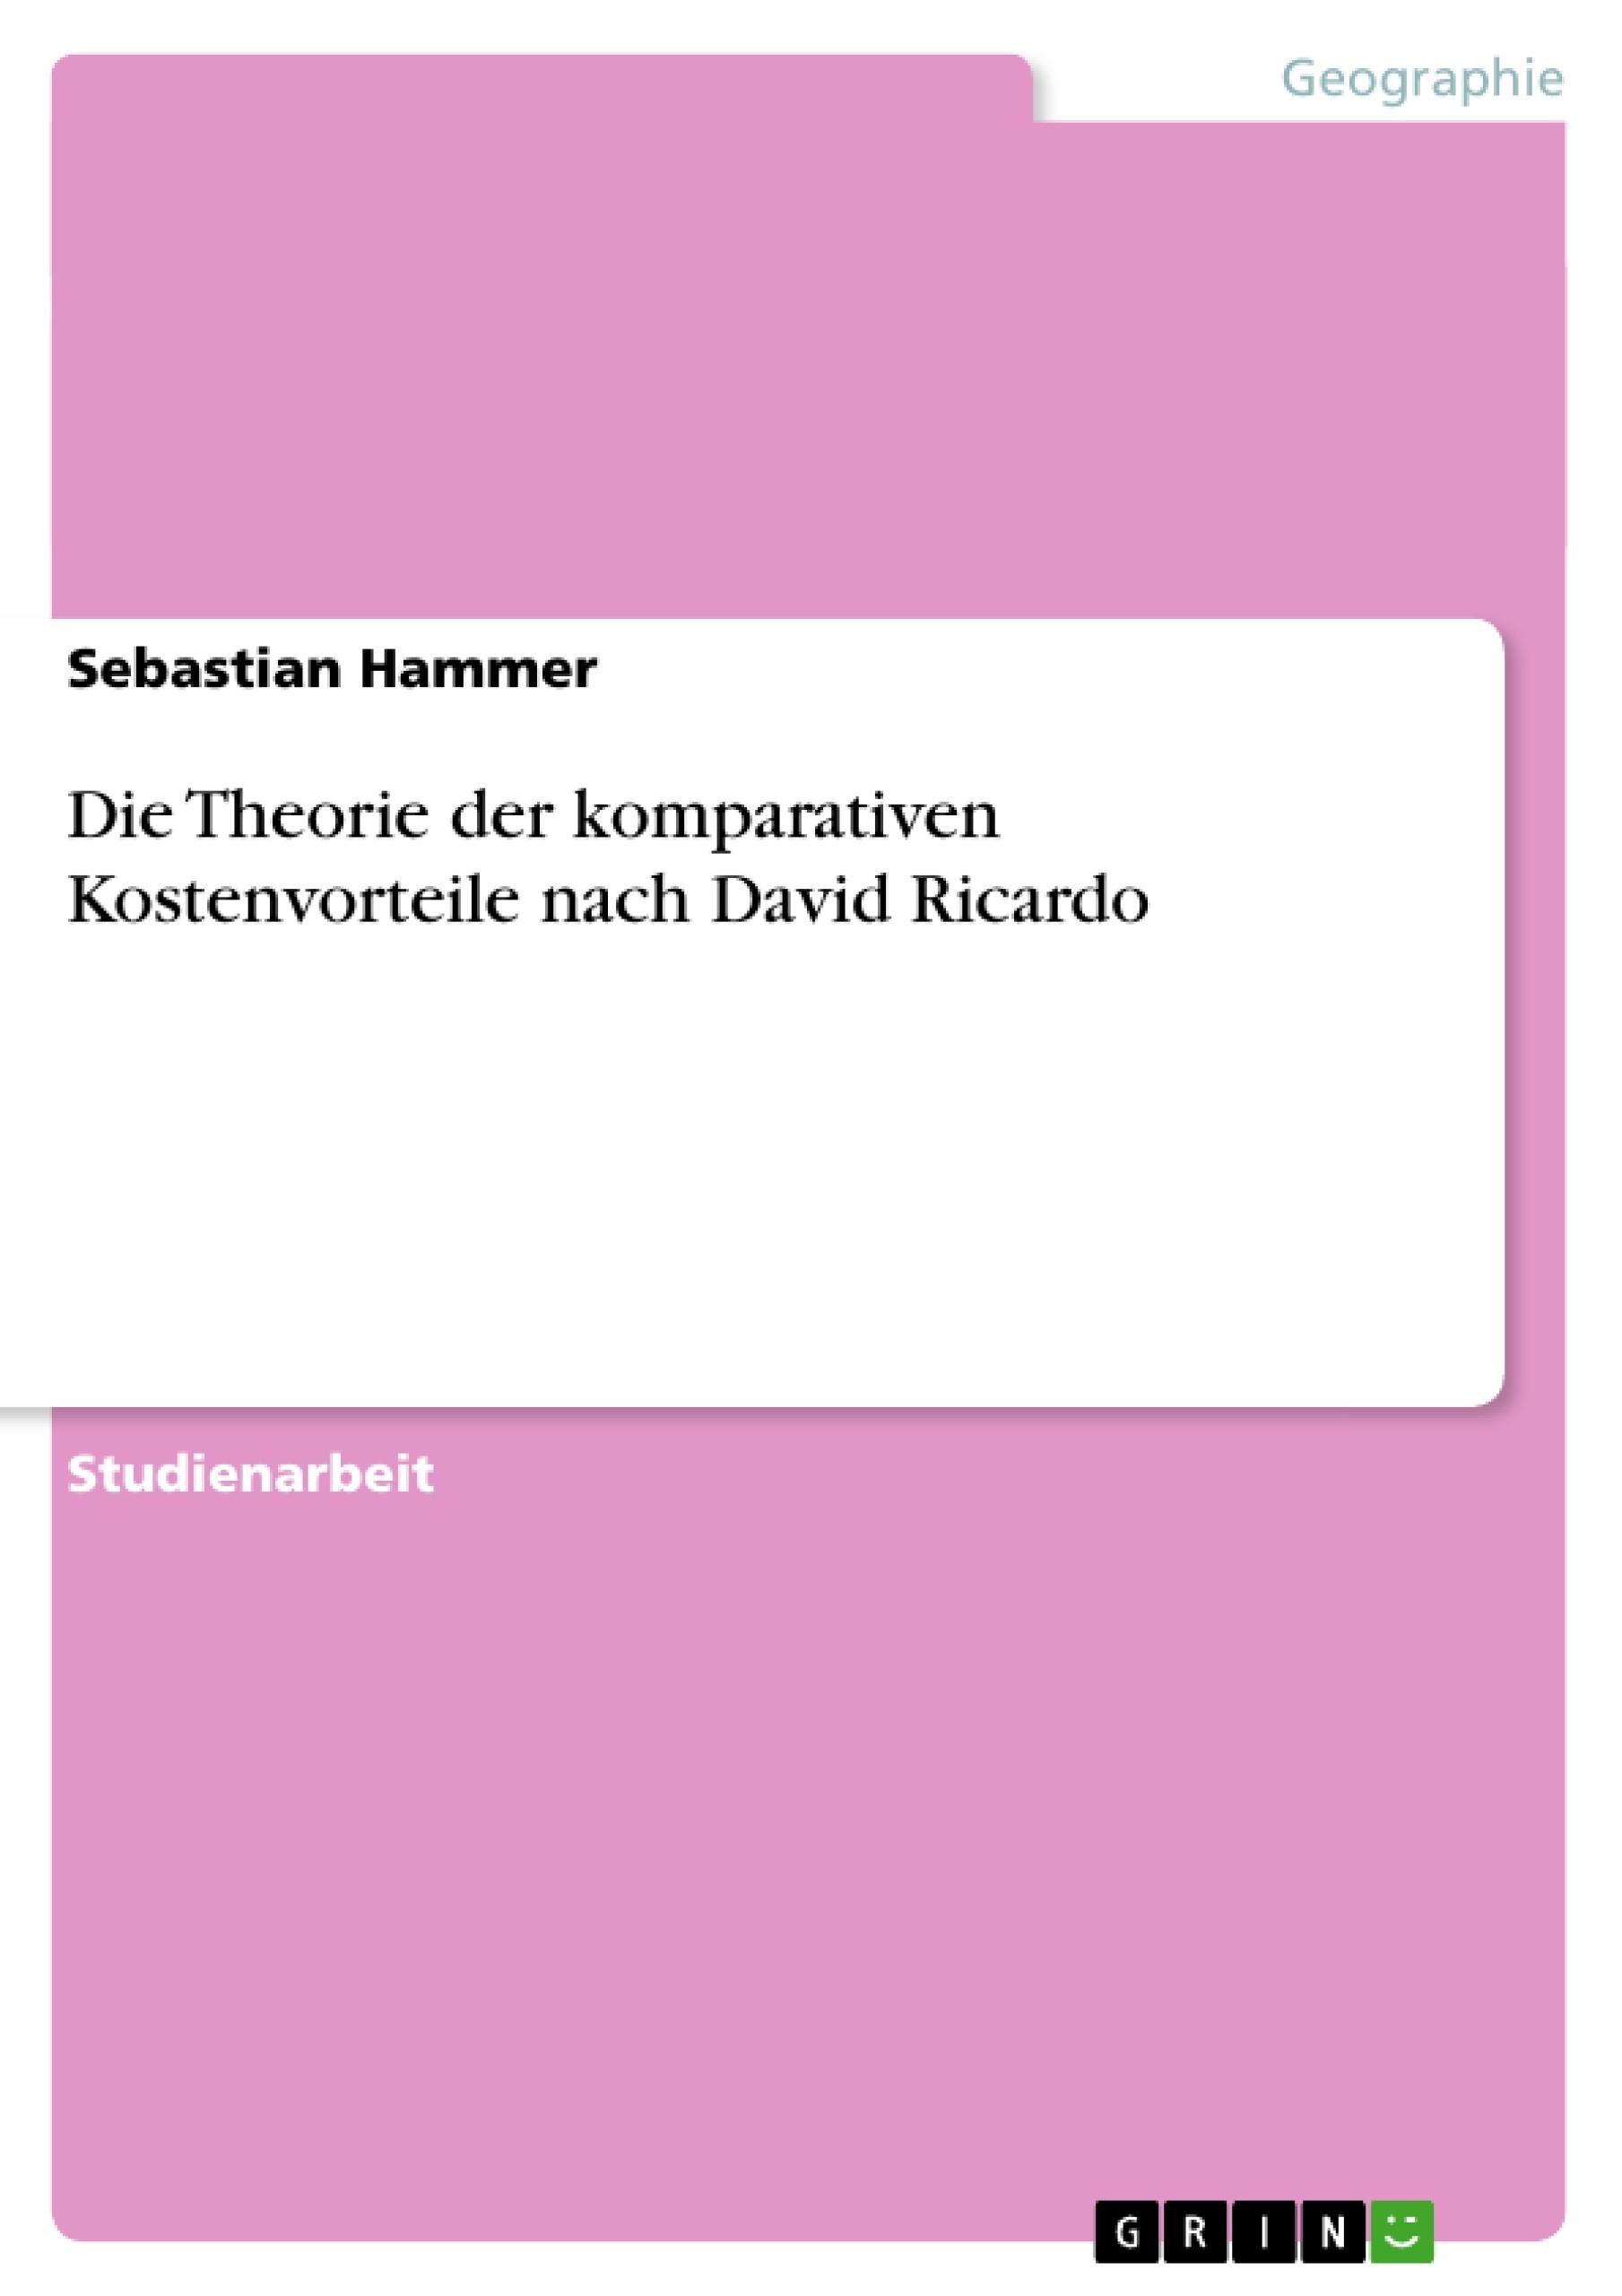 Titel: Die Theorie der komparativen Kostenvorteile nach David Ricardo